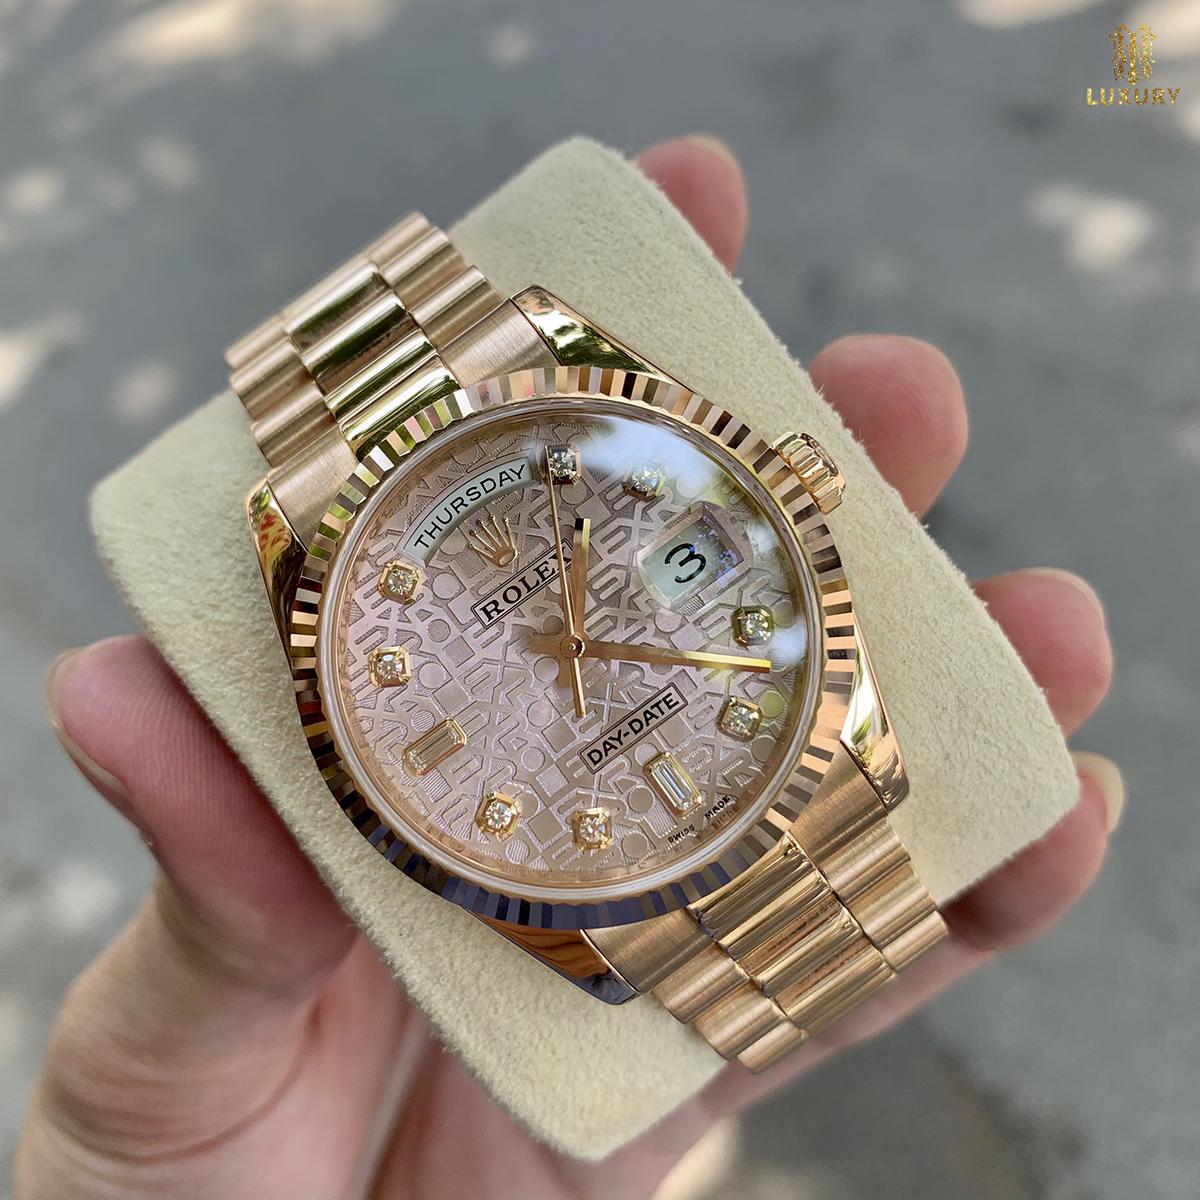 10 chiếc đồng hồ Rolex cũ đáng lựa chọn nhất 2021 Dong-ho-rolex-118235-day-date-cu-mat-vi-tinh-hong-vang-khoi-18k-1